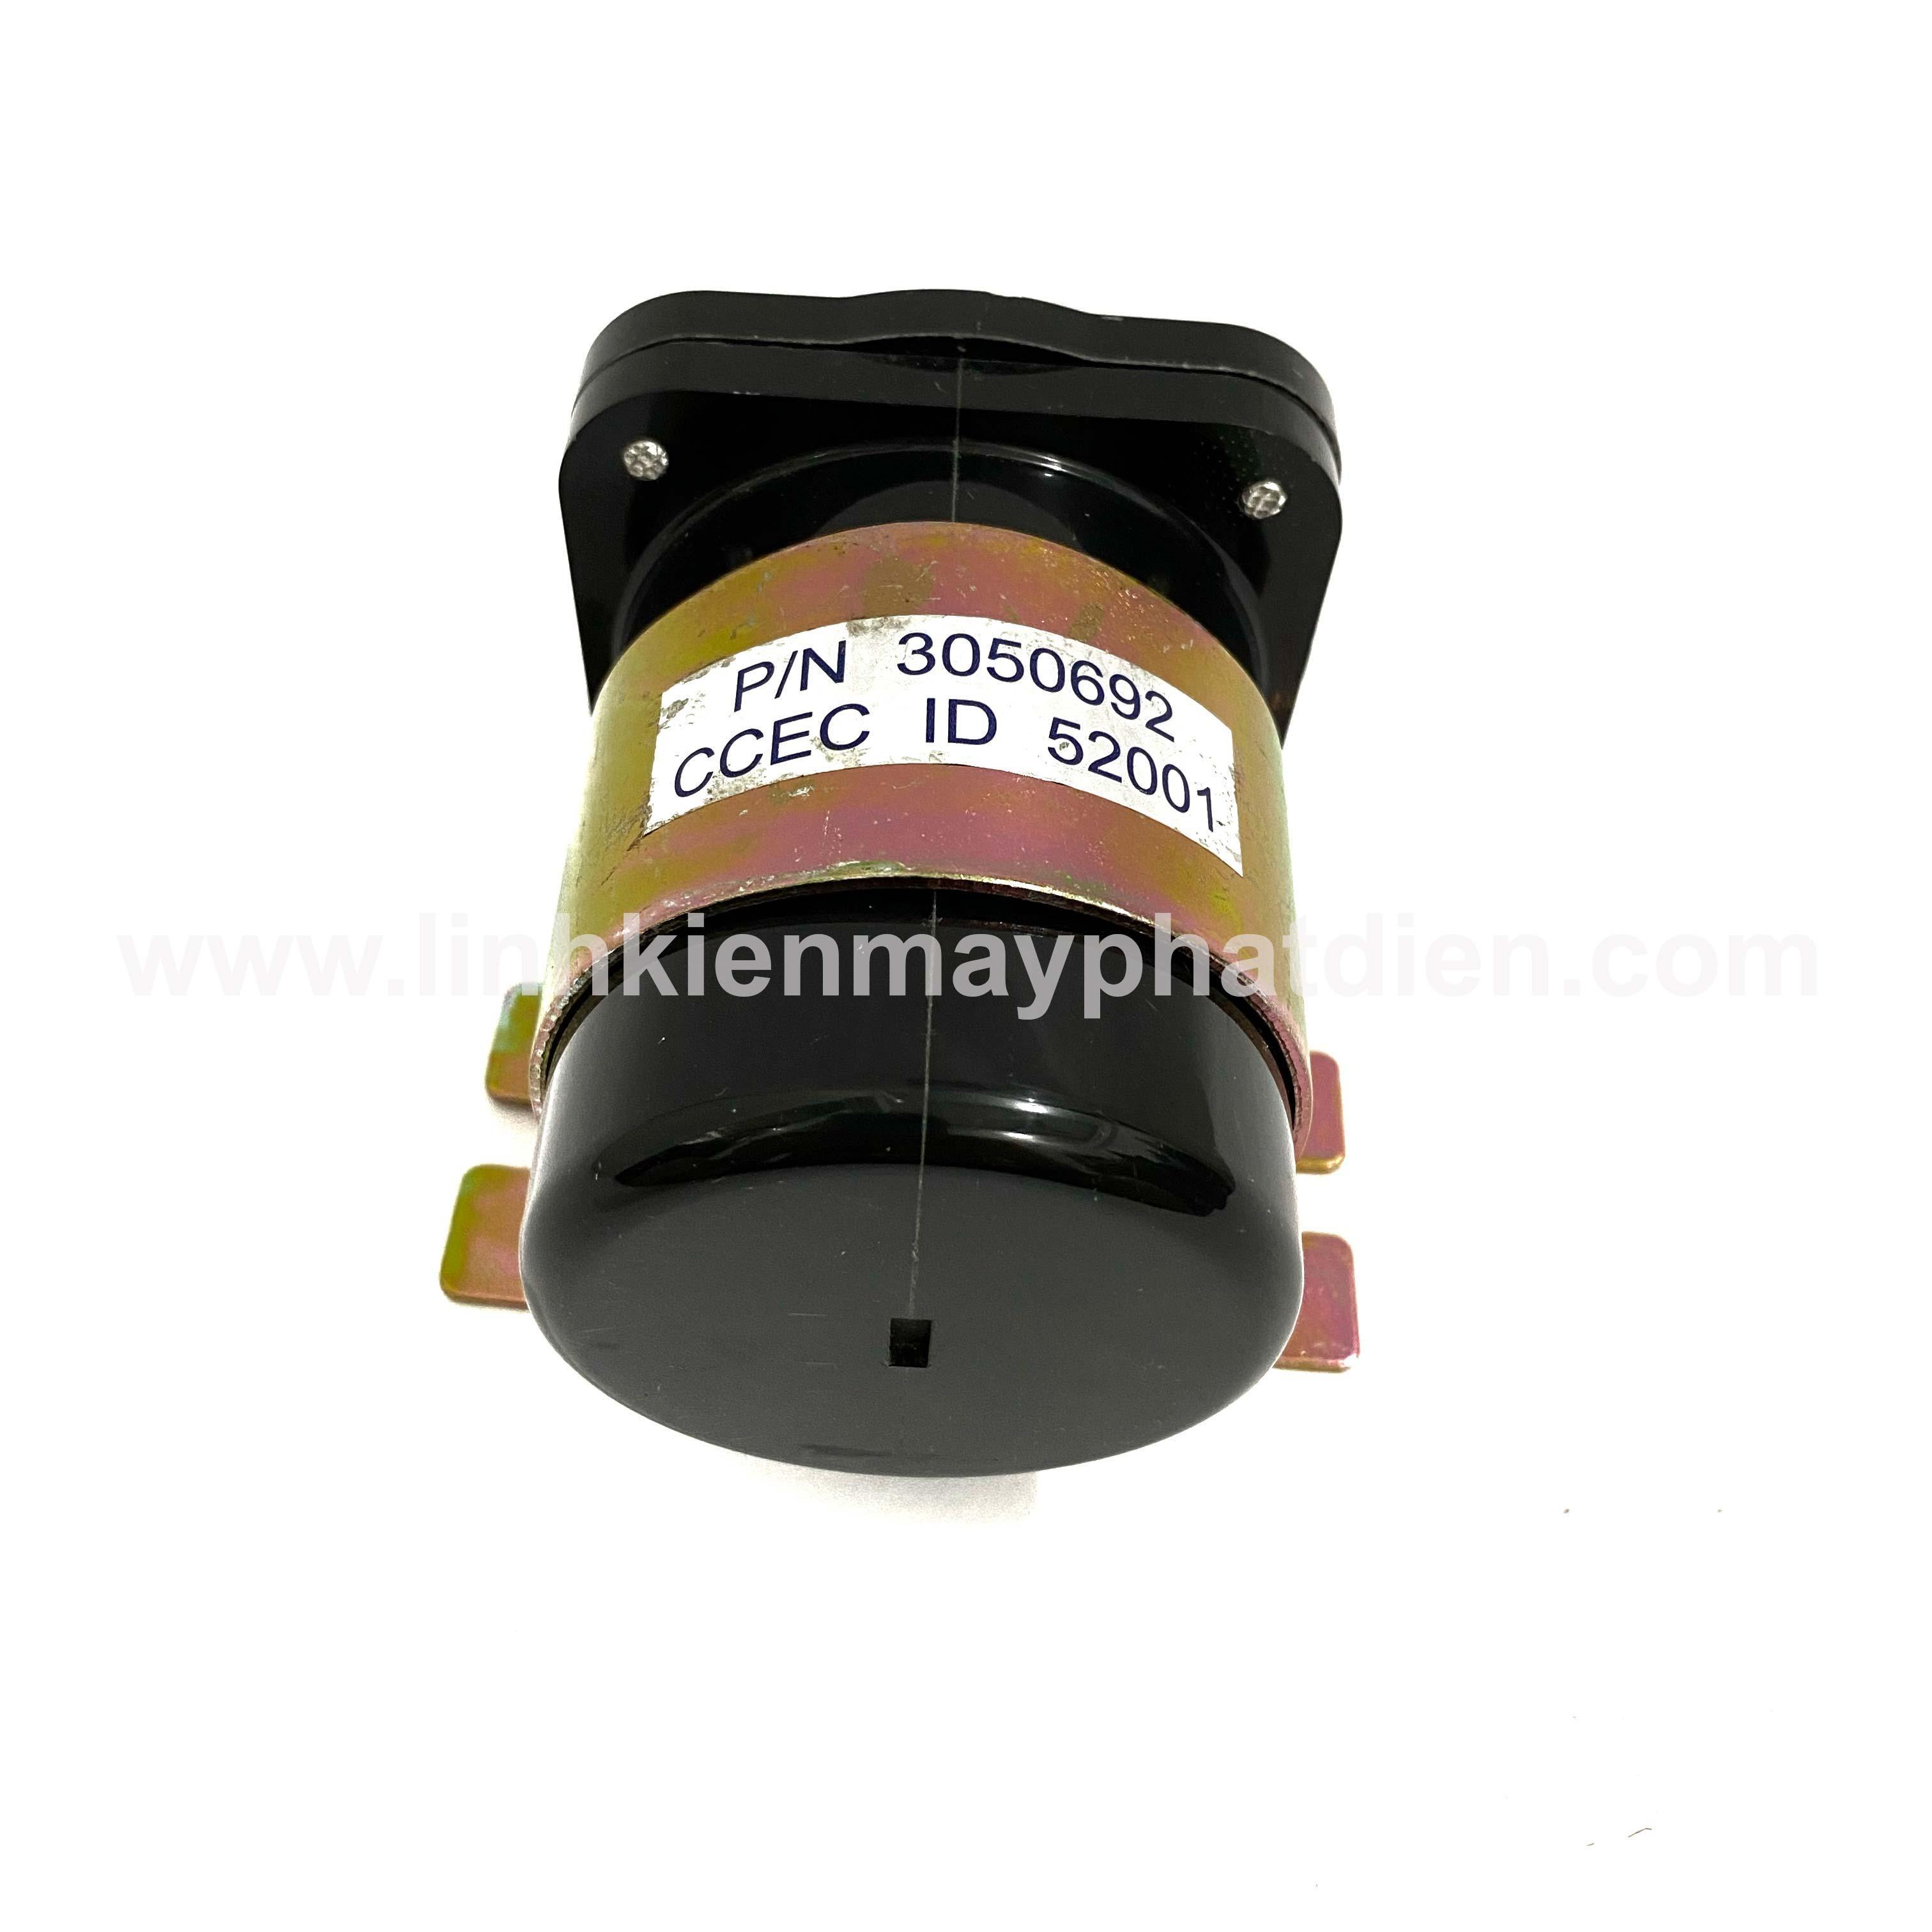 Rơle máy phát điện 3050692 Trung quốc 1